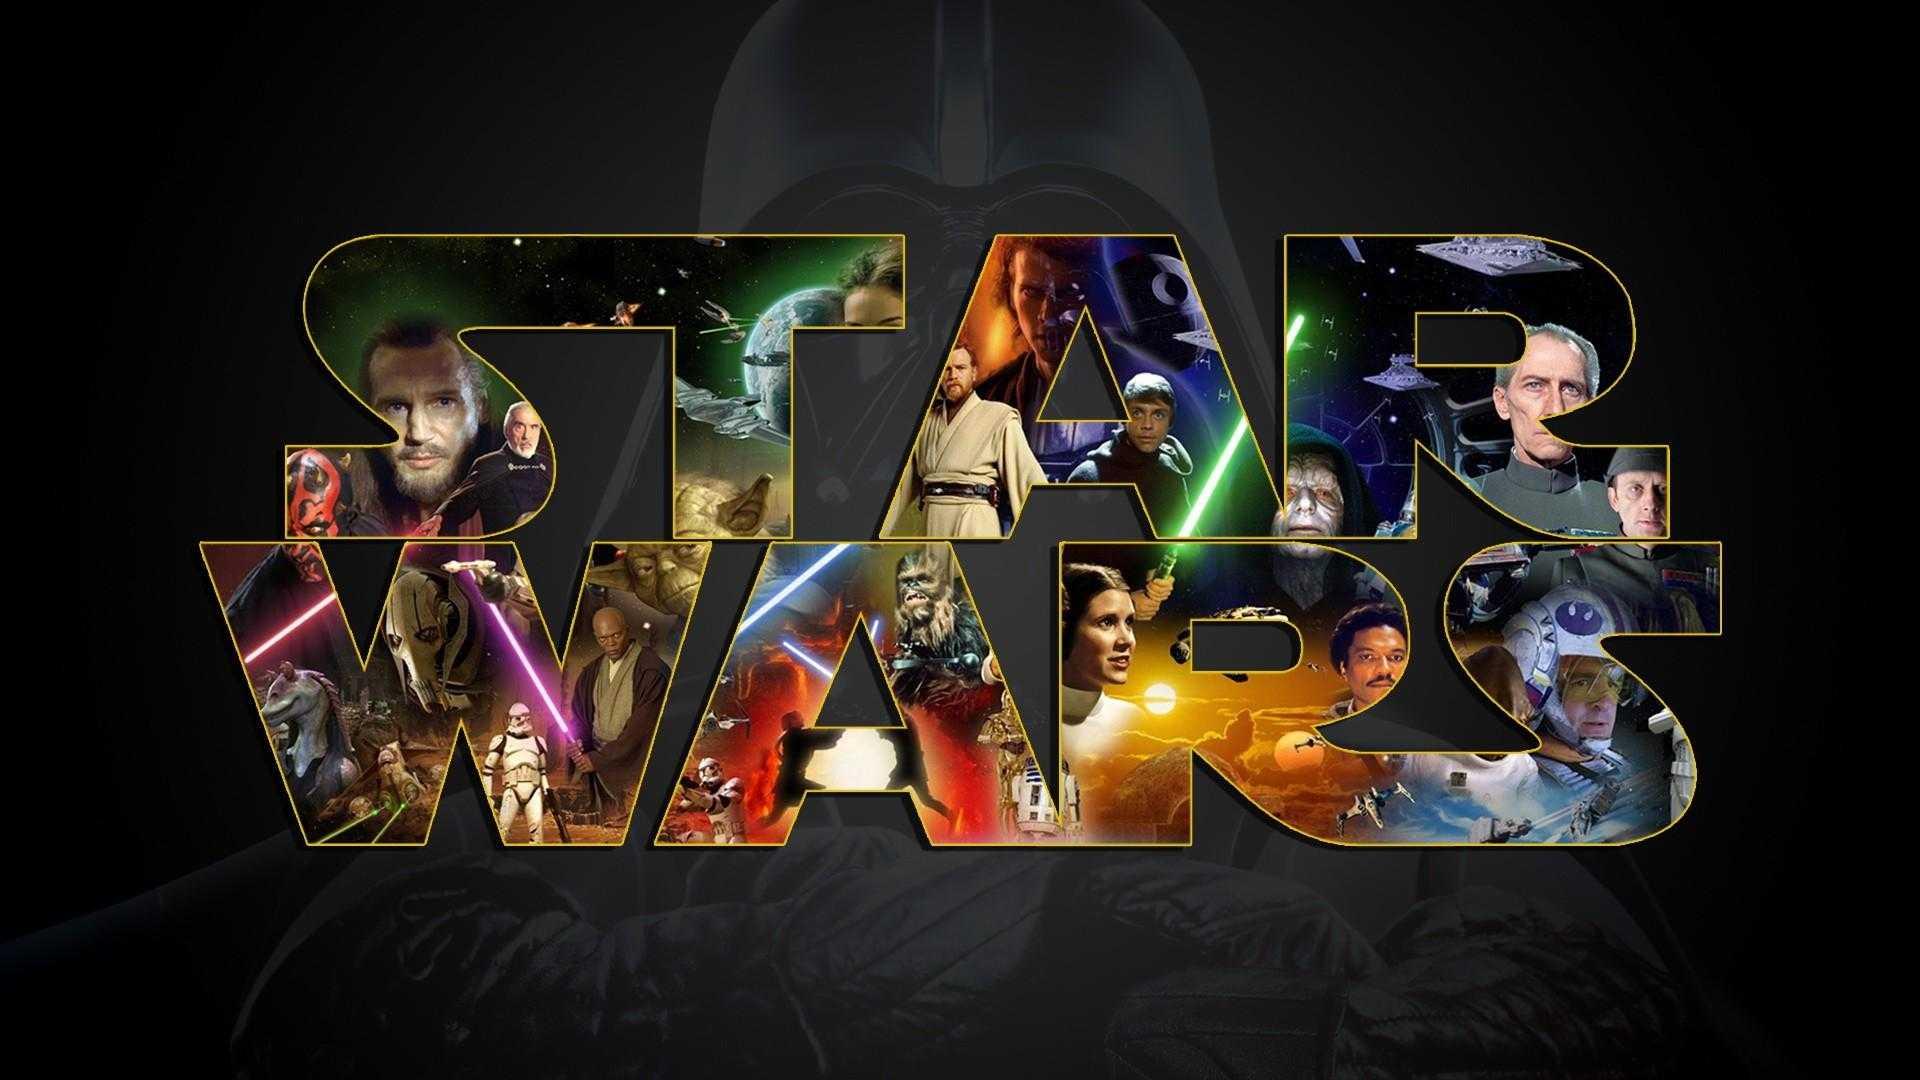 İnternet Alemindeki Star Wars Sürprizleri -1